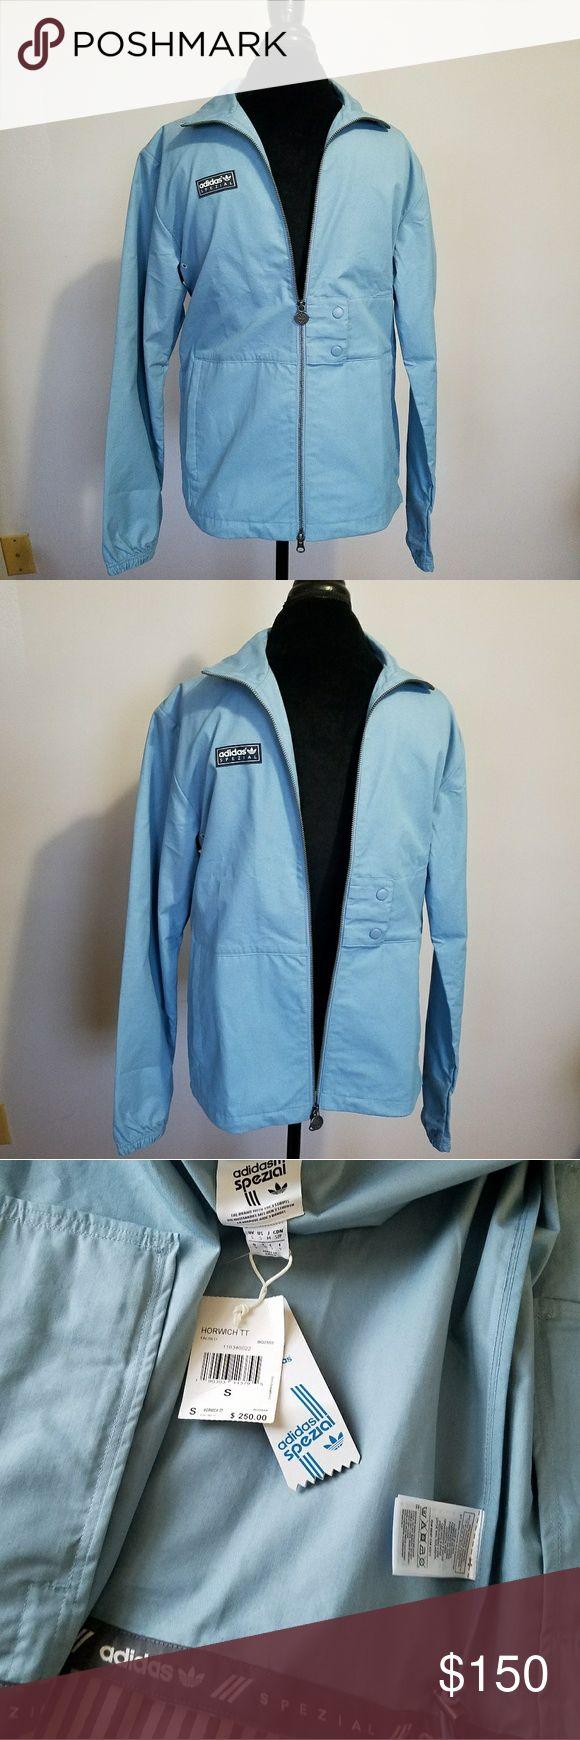 Adidas Spezial horwich new size S jacket Size S  New jacket Horwich TT Spezial adidas Jackets & Coats